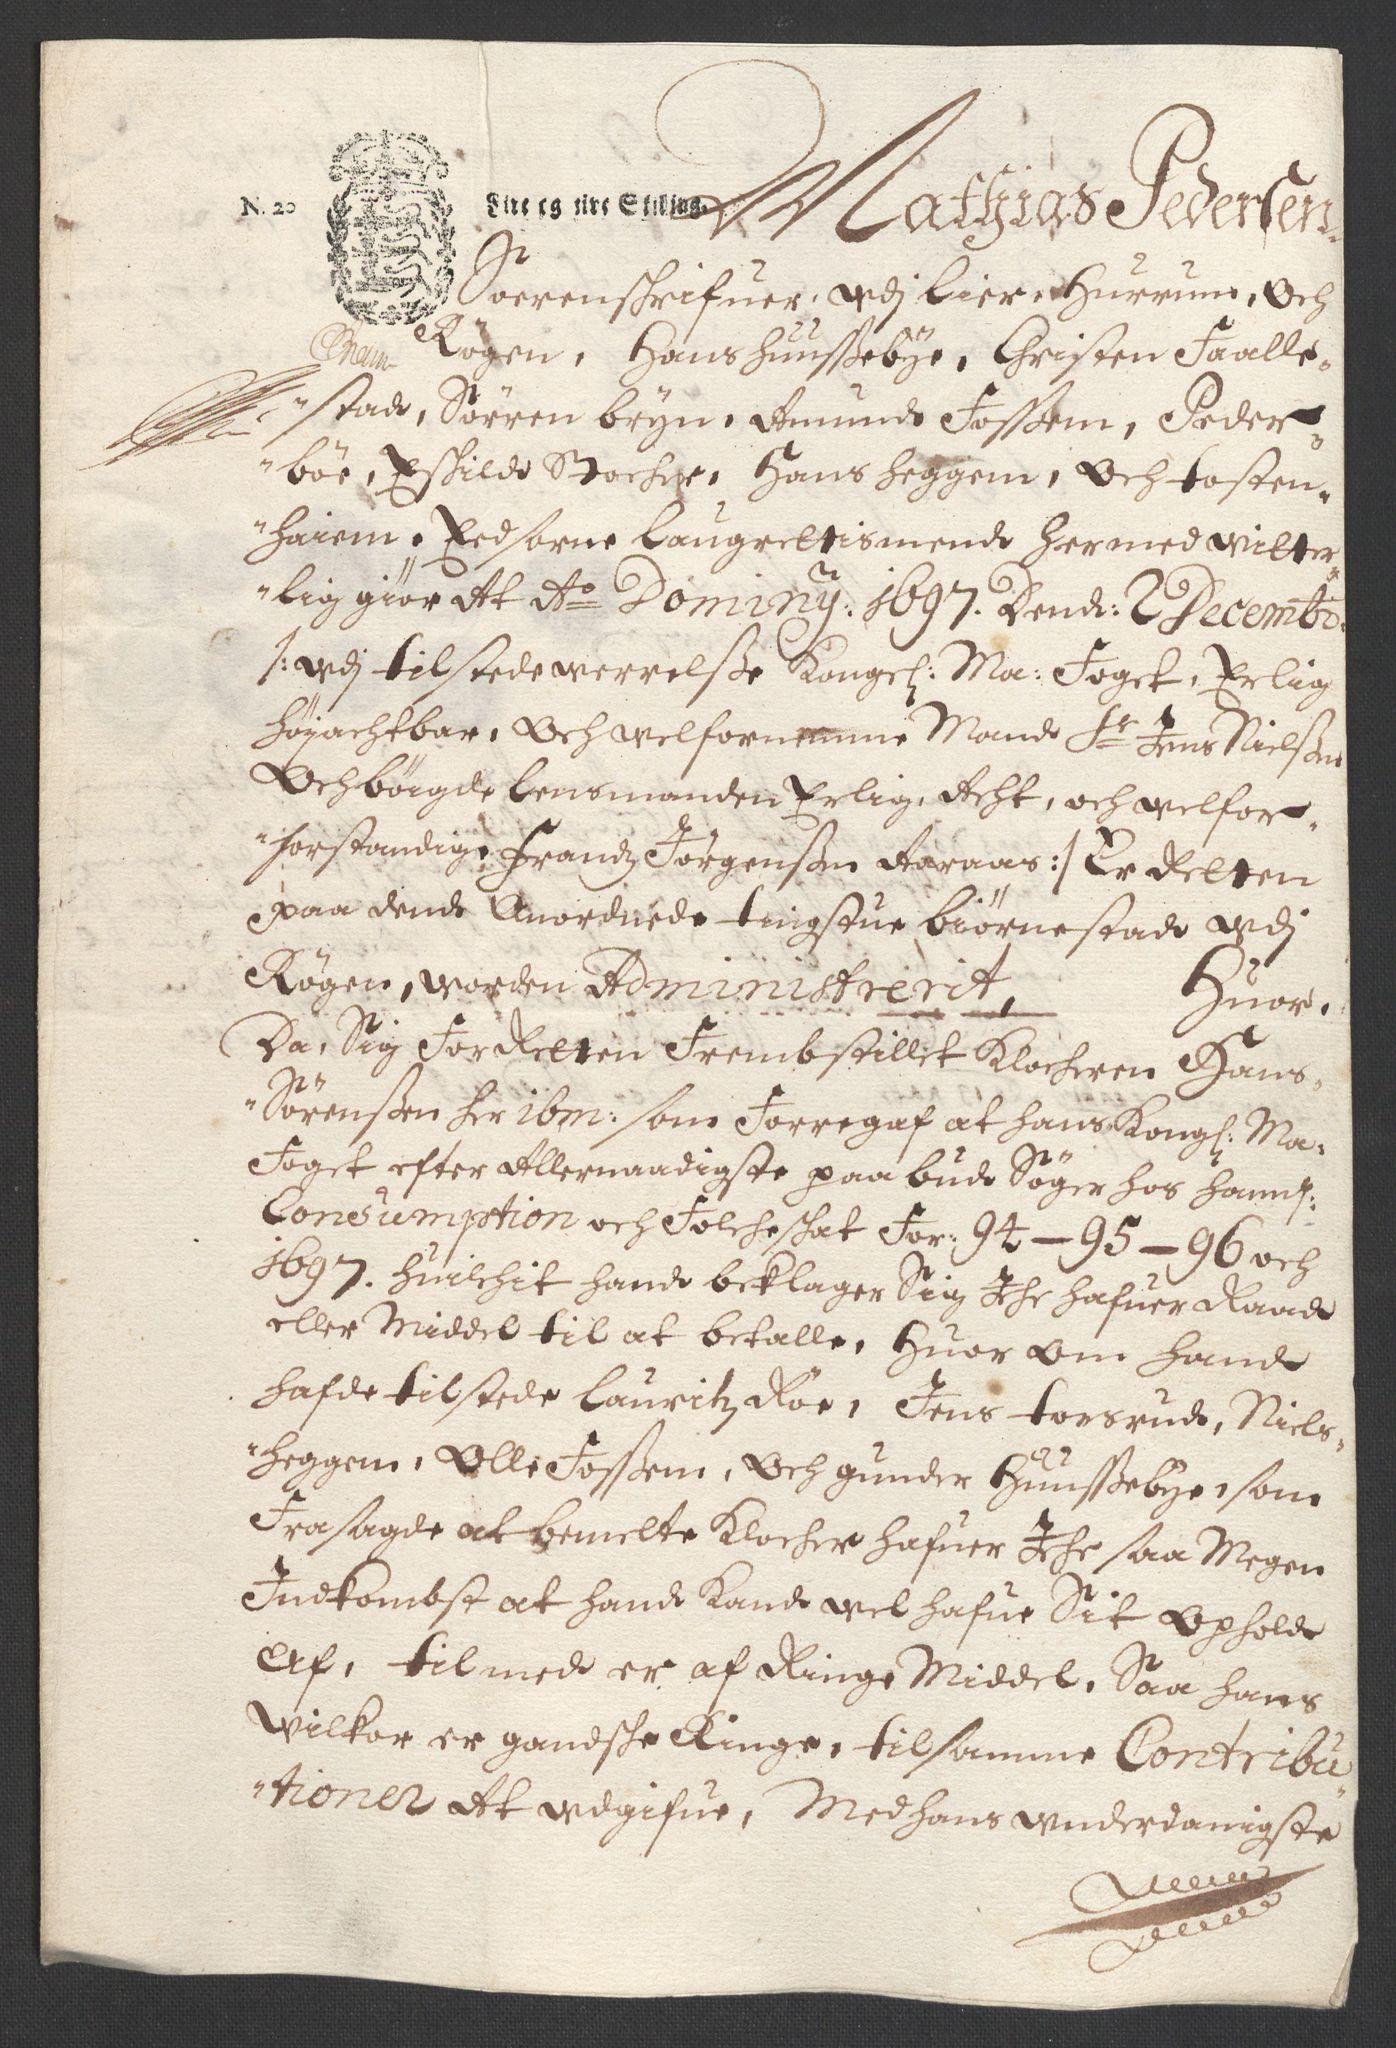 RA, Rentekammeret inntil 1814, Reviderte regnskaper, Fogderegnskap, R30/L1695: Fogderegnskap Hurum, Røyken, Eiker og Lier, 1697, s. 216